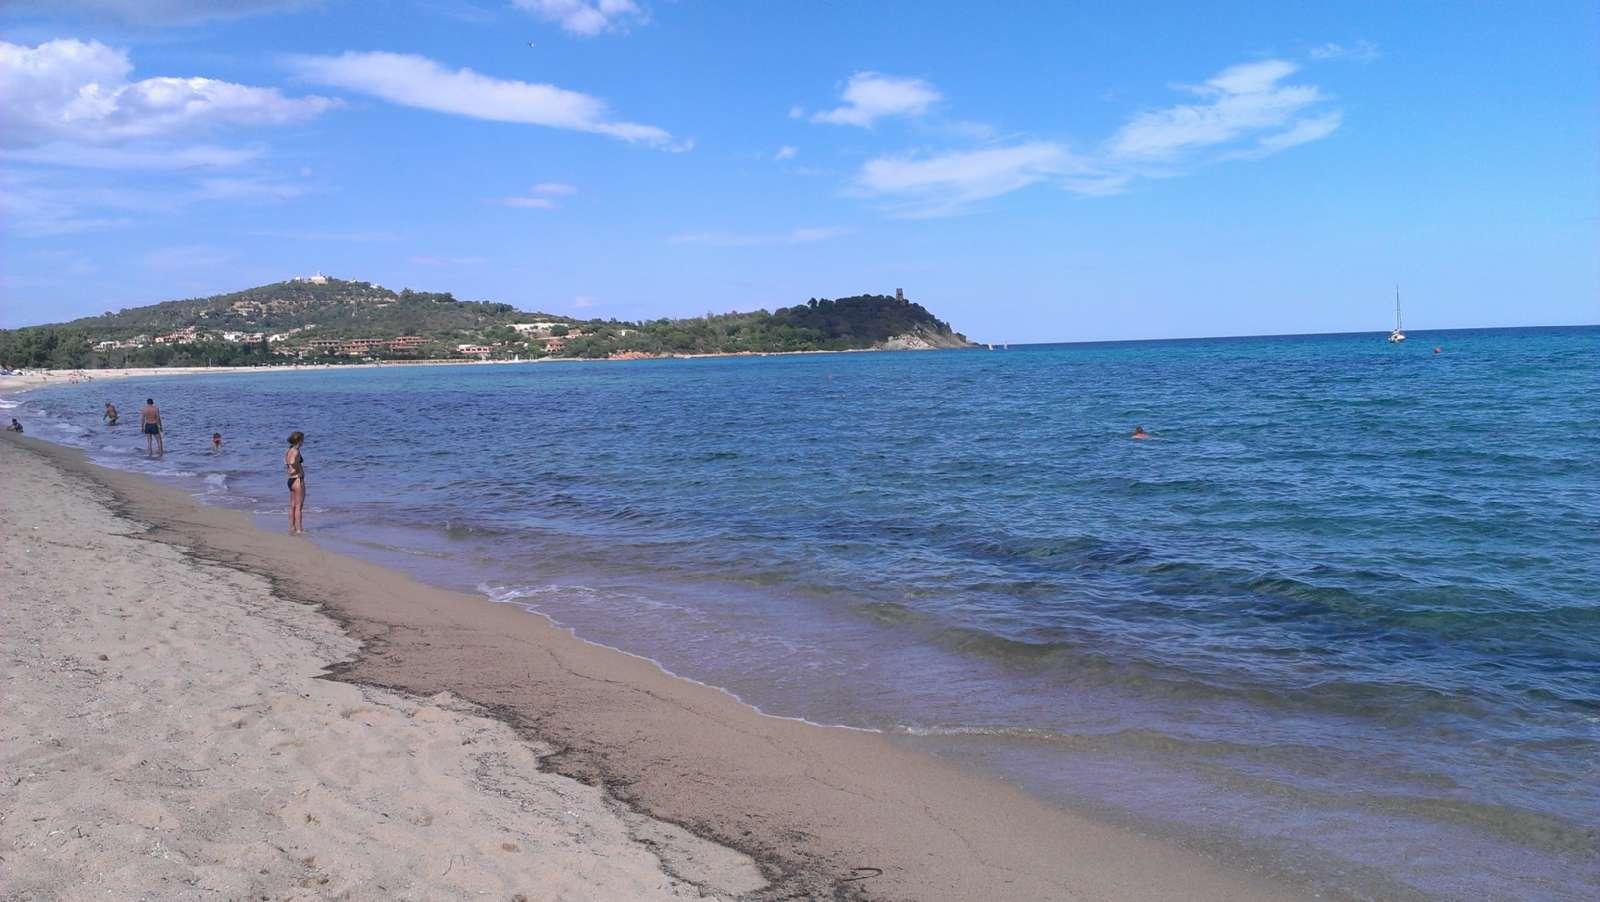 La plage ne se trouve qu'à 15 minutes de marche